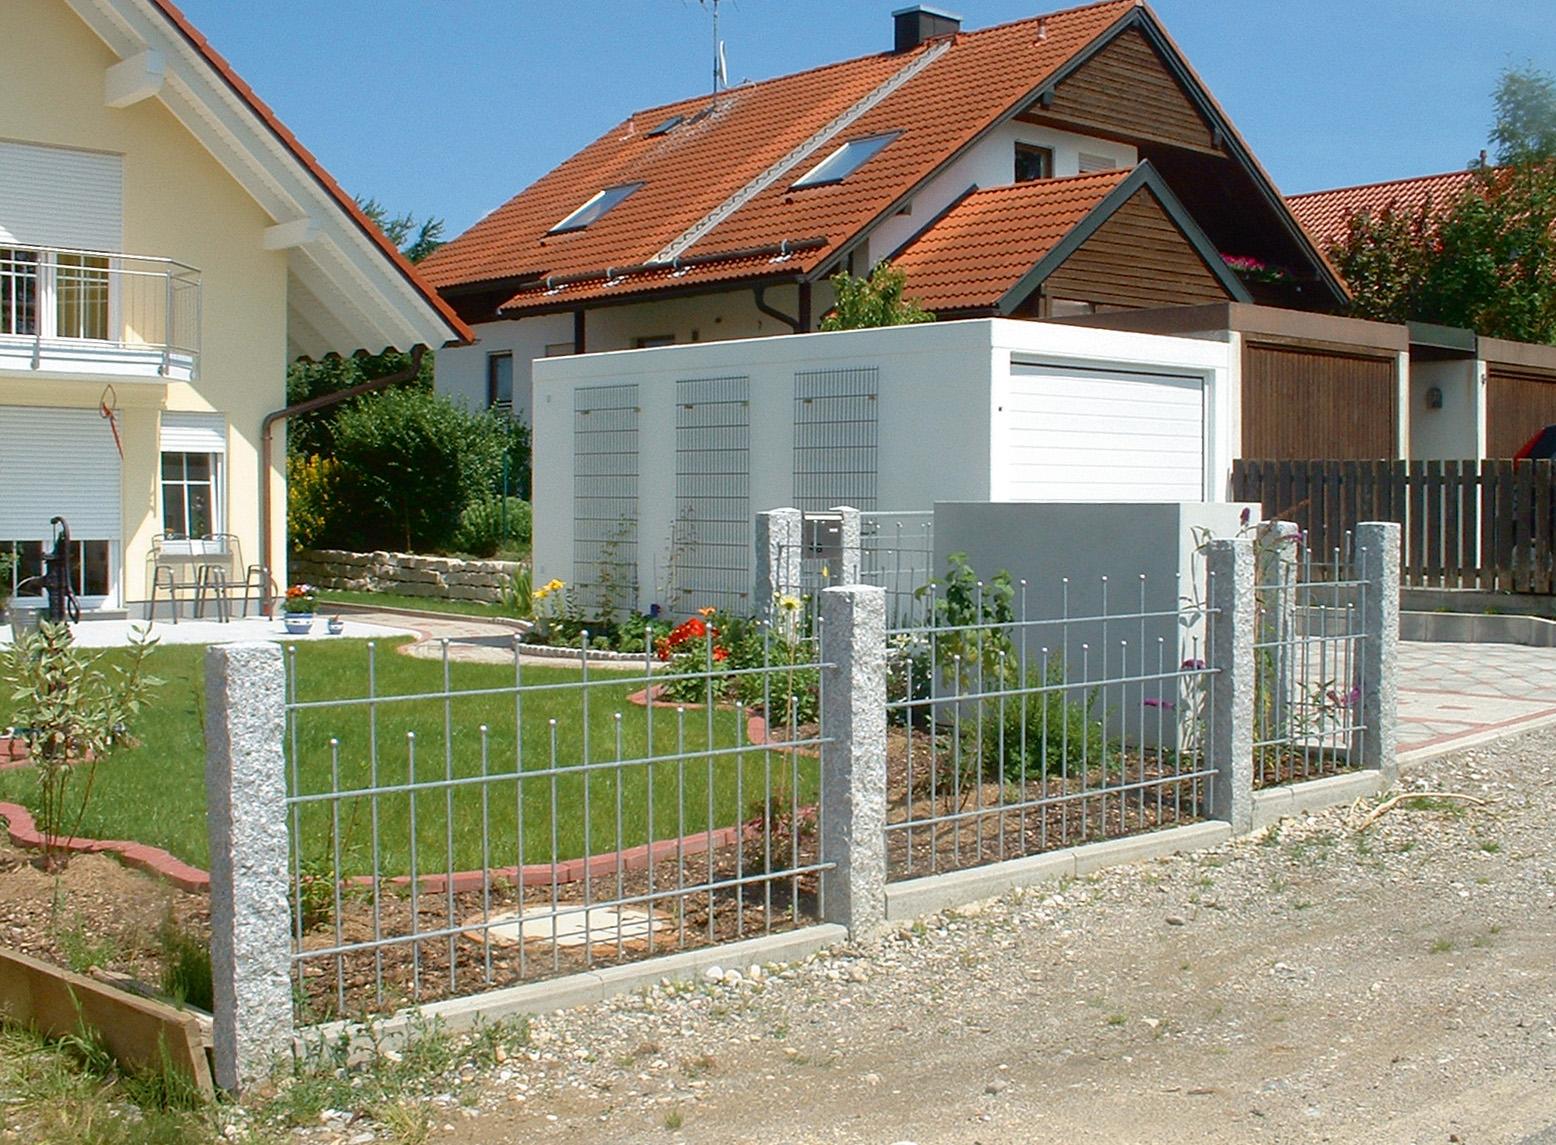 ... Gartenzaun 4 M Stahl By Stahl Doppeltor Madrid Gartenzaun Metall  Vorgartenzahl ...